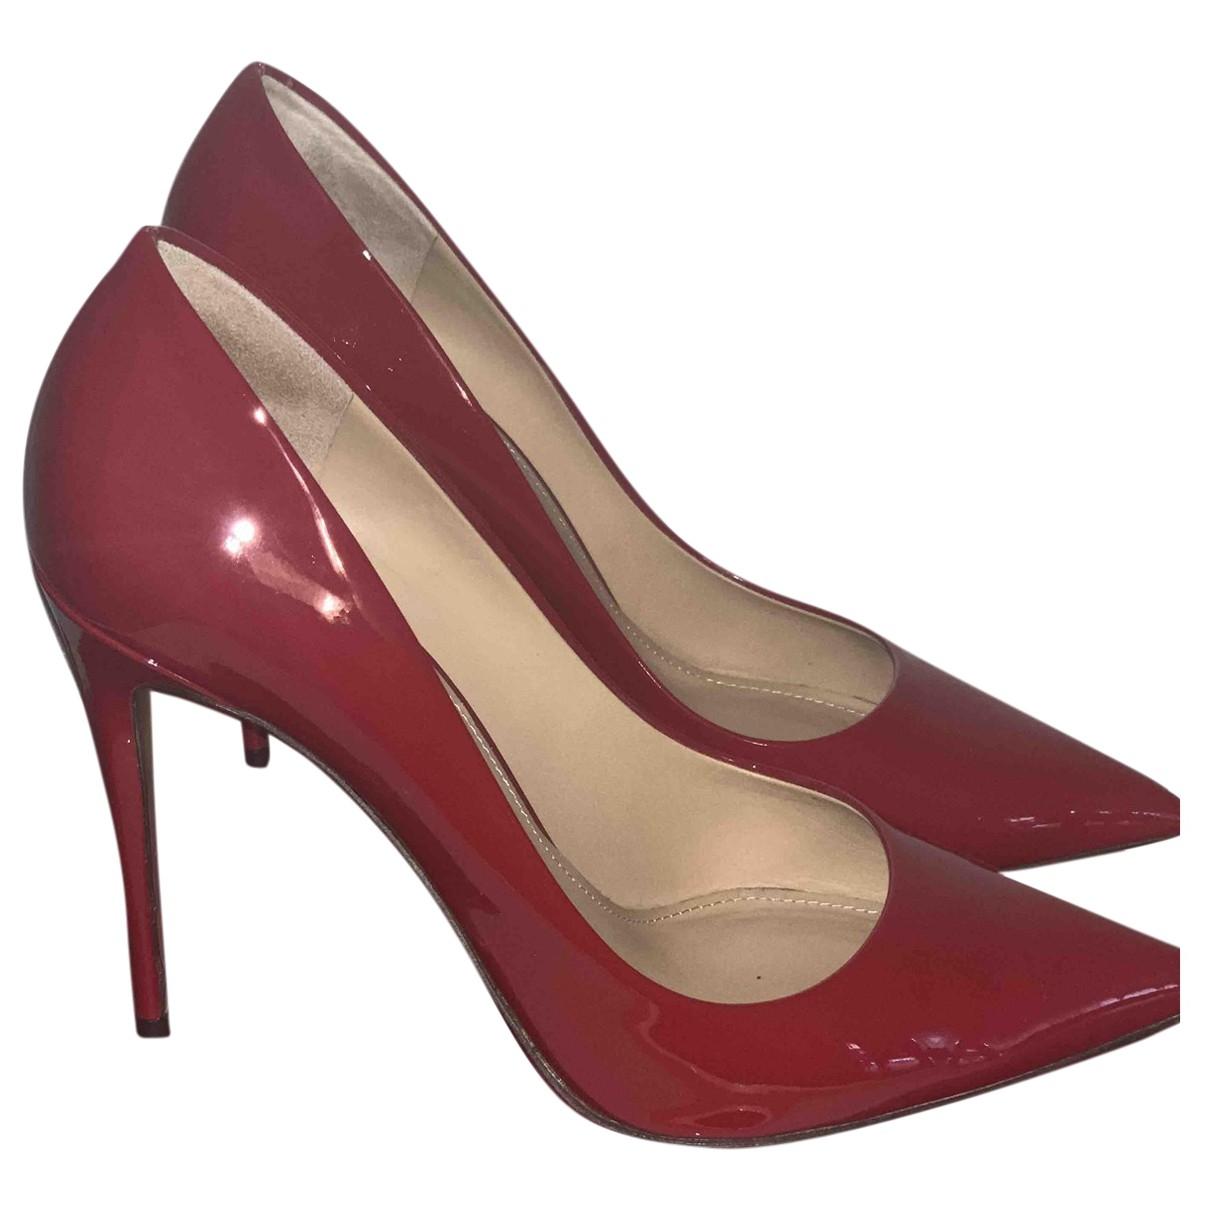 Salvatore Ferragamo - Escarpins   pour femme en cuir verni - rouge